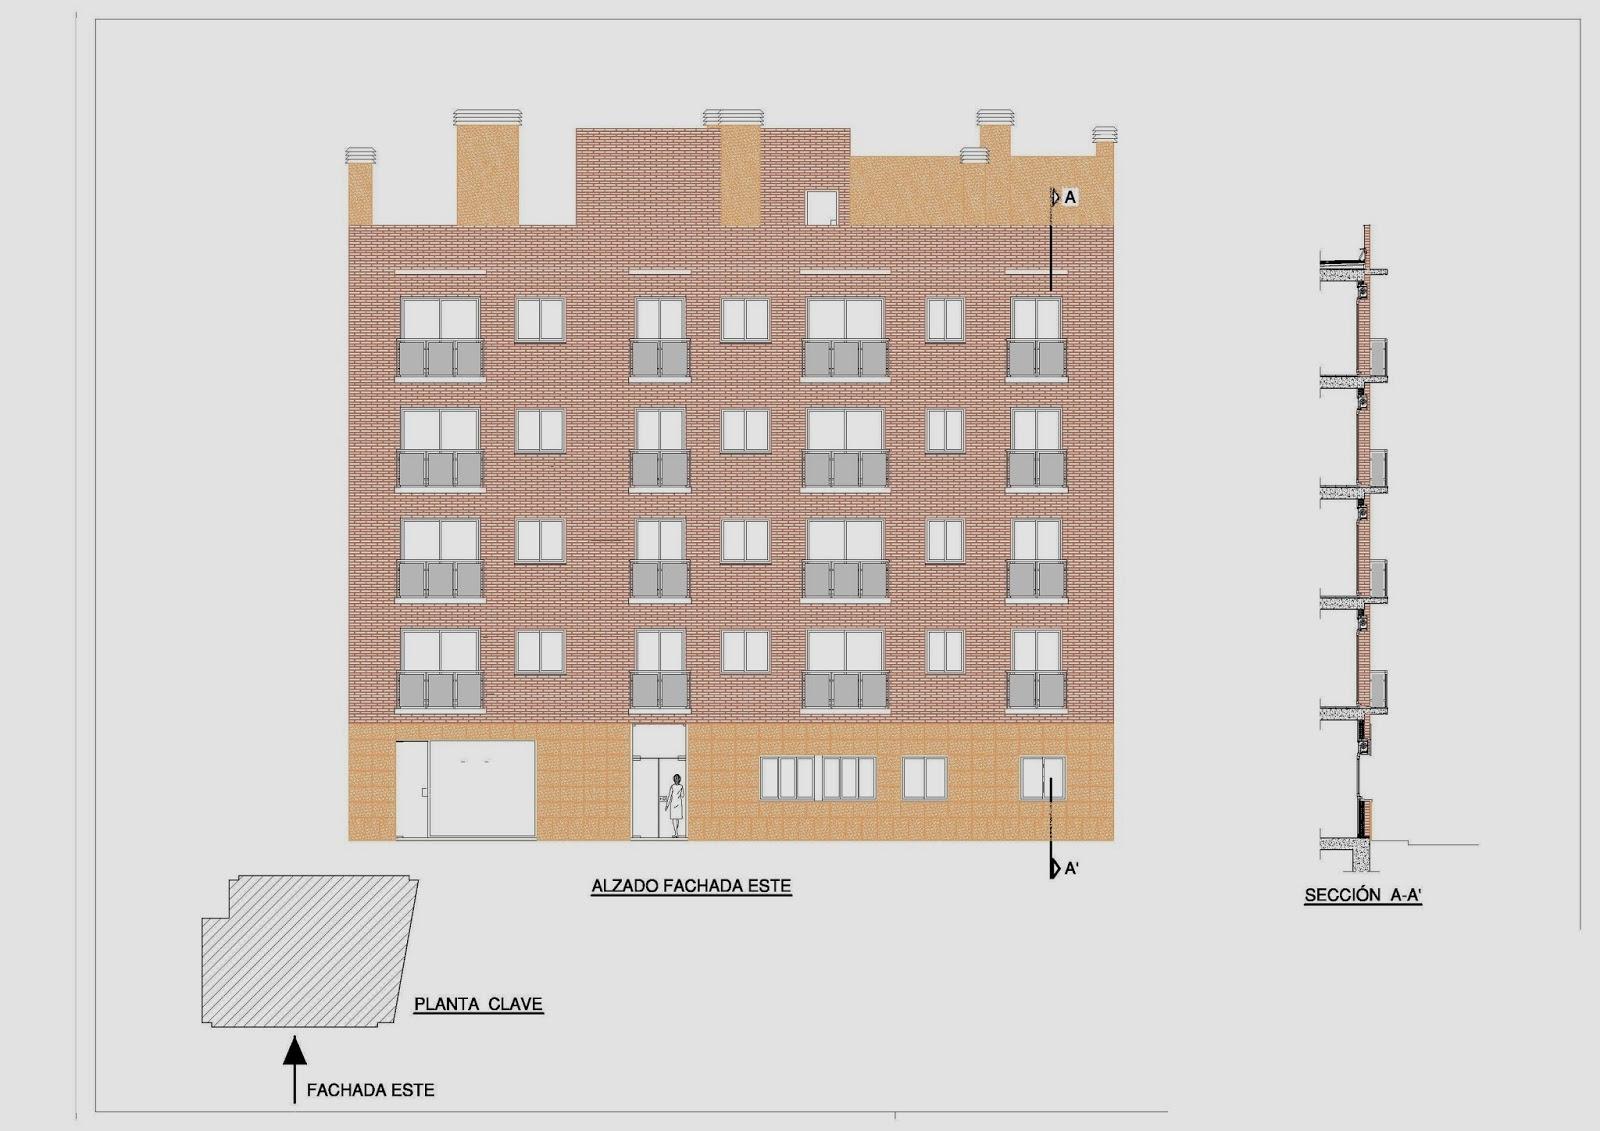 Blog profesional planos de fachadas de un edificio autocad for Planos de fachadas